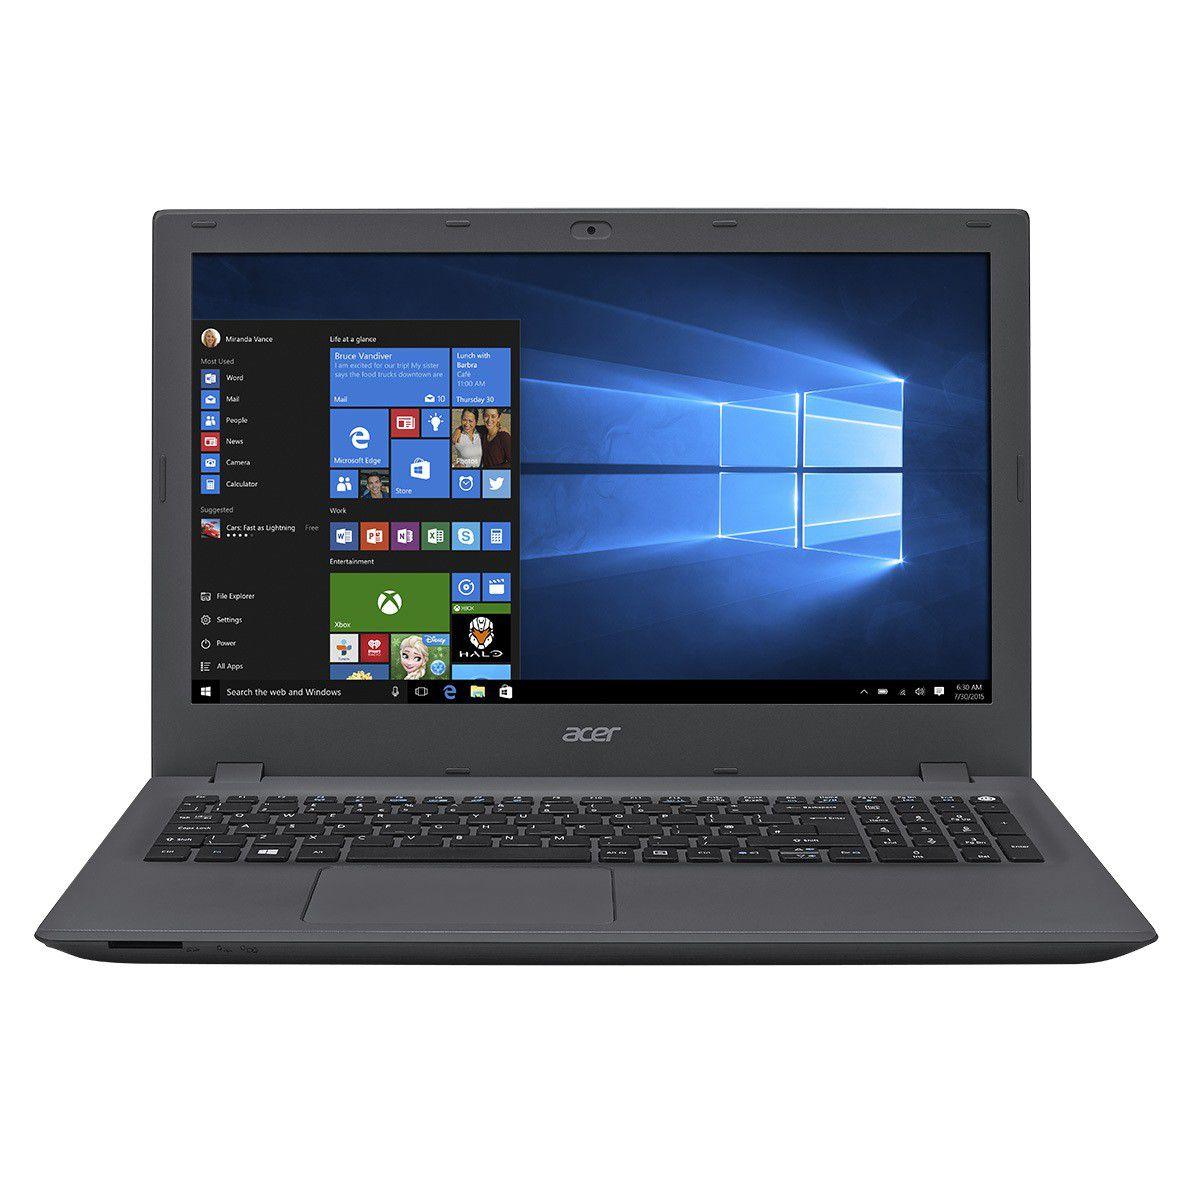 """Notebook Acer E5 - Intel Core i7 de 6ª geração, Memória de 16GB, HD de 2TB, NVIDIA GeForce 940M de 4 GB, Tela HD de 15.6"""", Windows 10 - E5-574G-73NZ"""